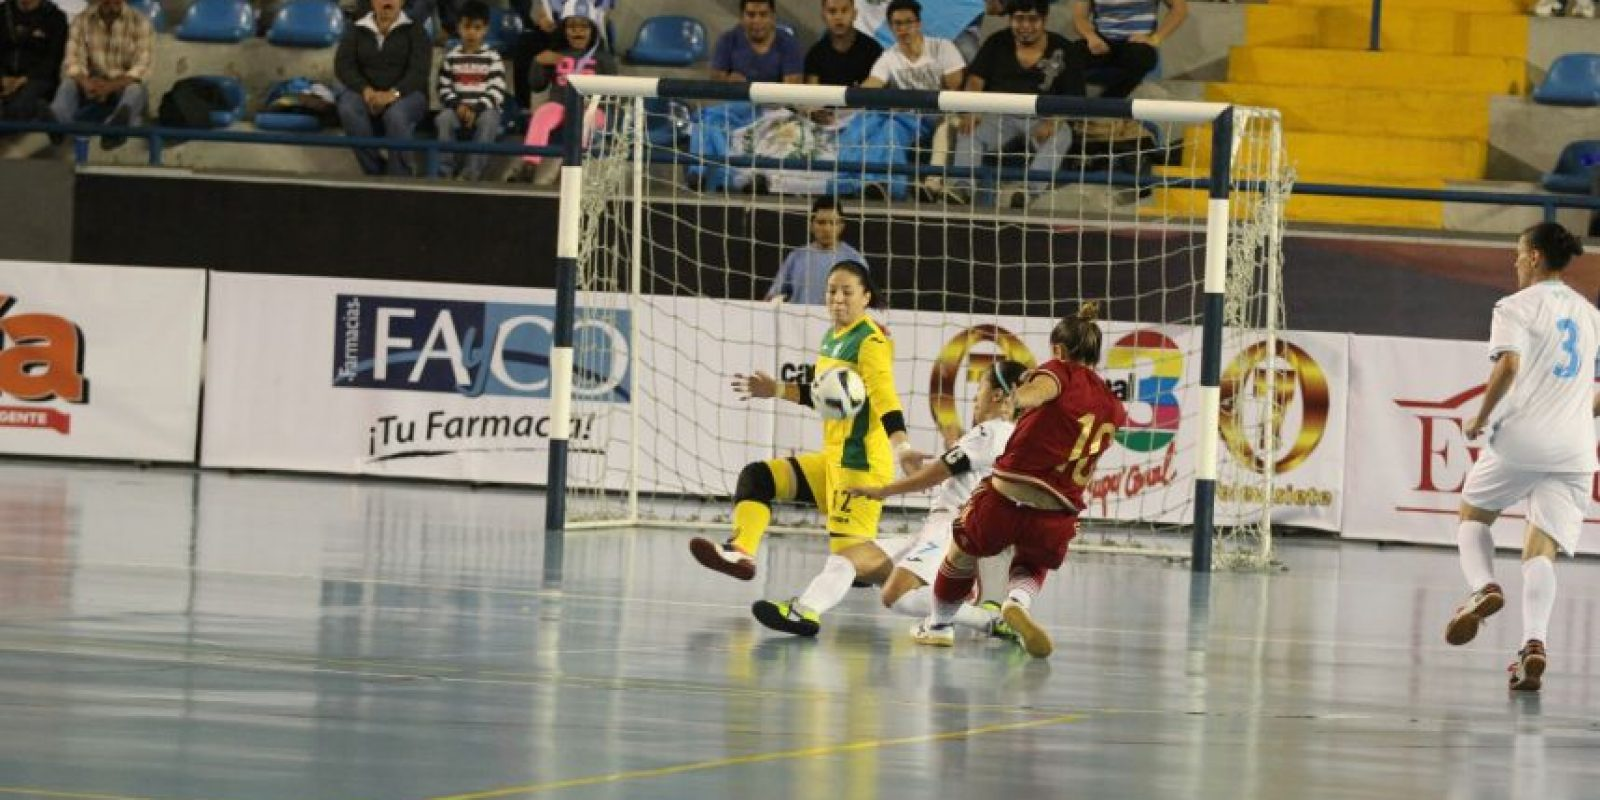 La selección de Guatemala terminó tercera en su grupo. Foto:CDAG